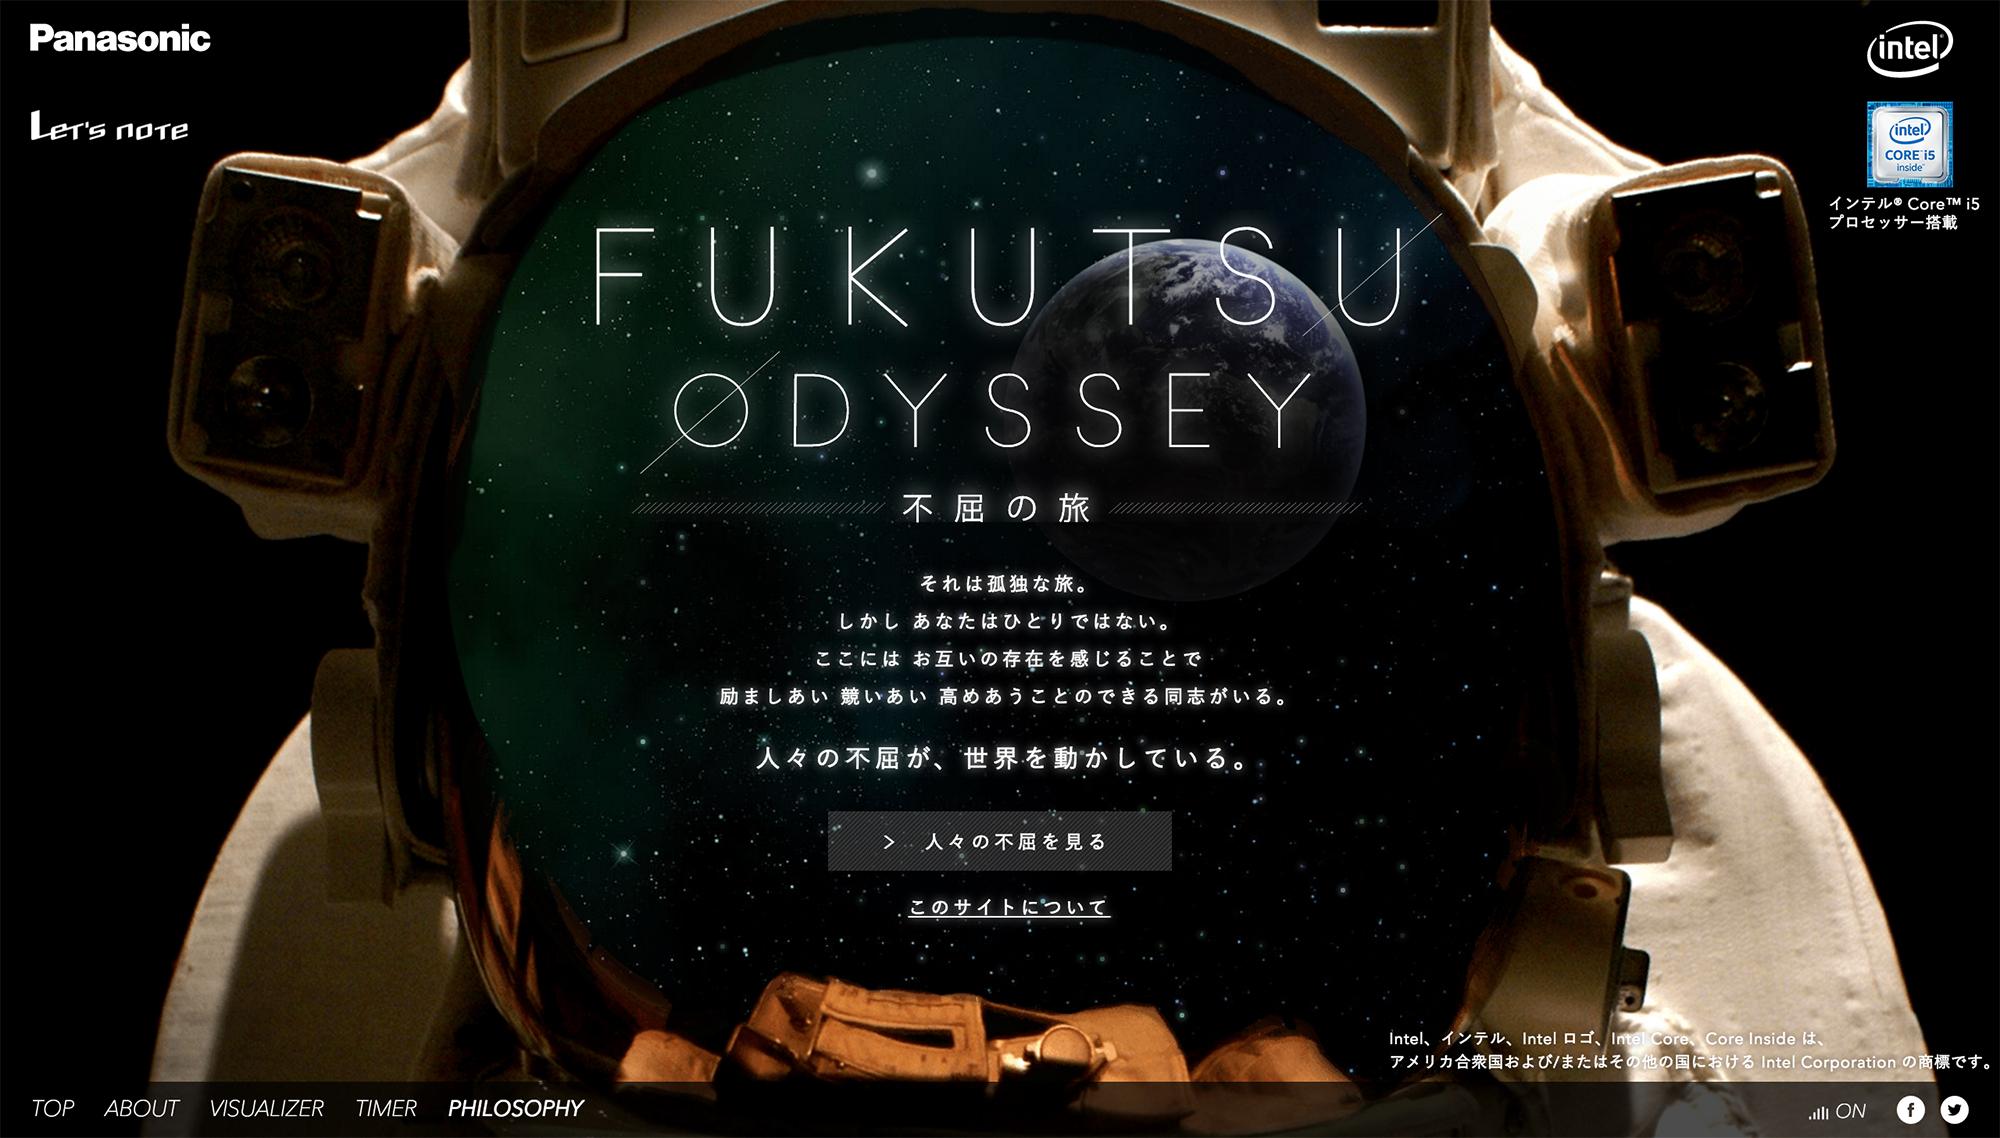 レッツノートのスペシャルコンテンツ「不屈の旅 – FUKUTSU ODYSSEY」